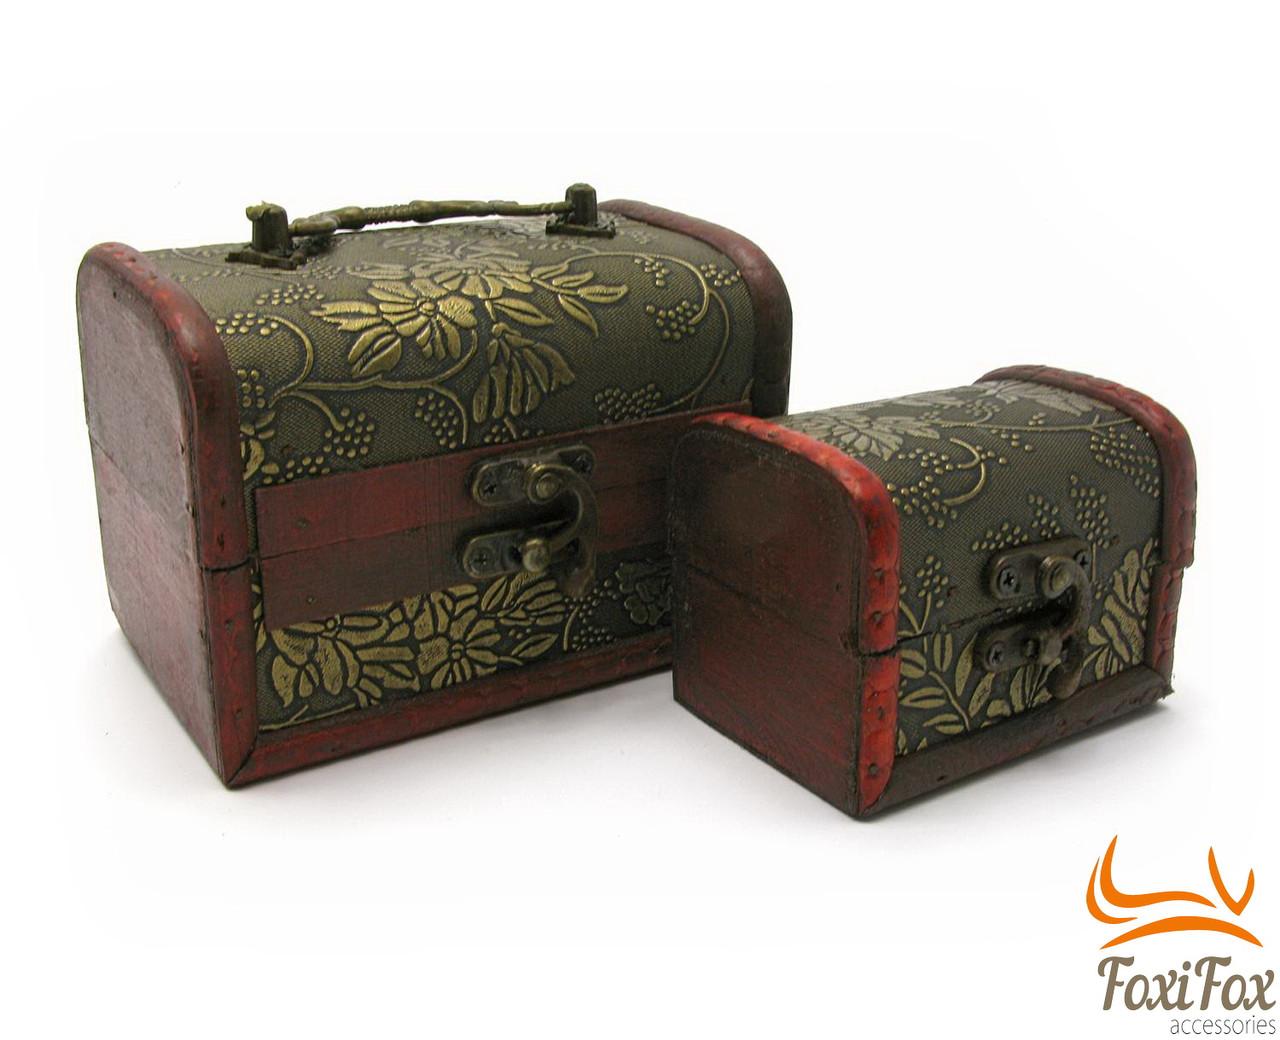 Набор деревянных сундучков  - FOXI-FOX.COM онлайн маркет подарков в Харькове